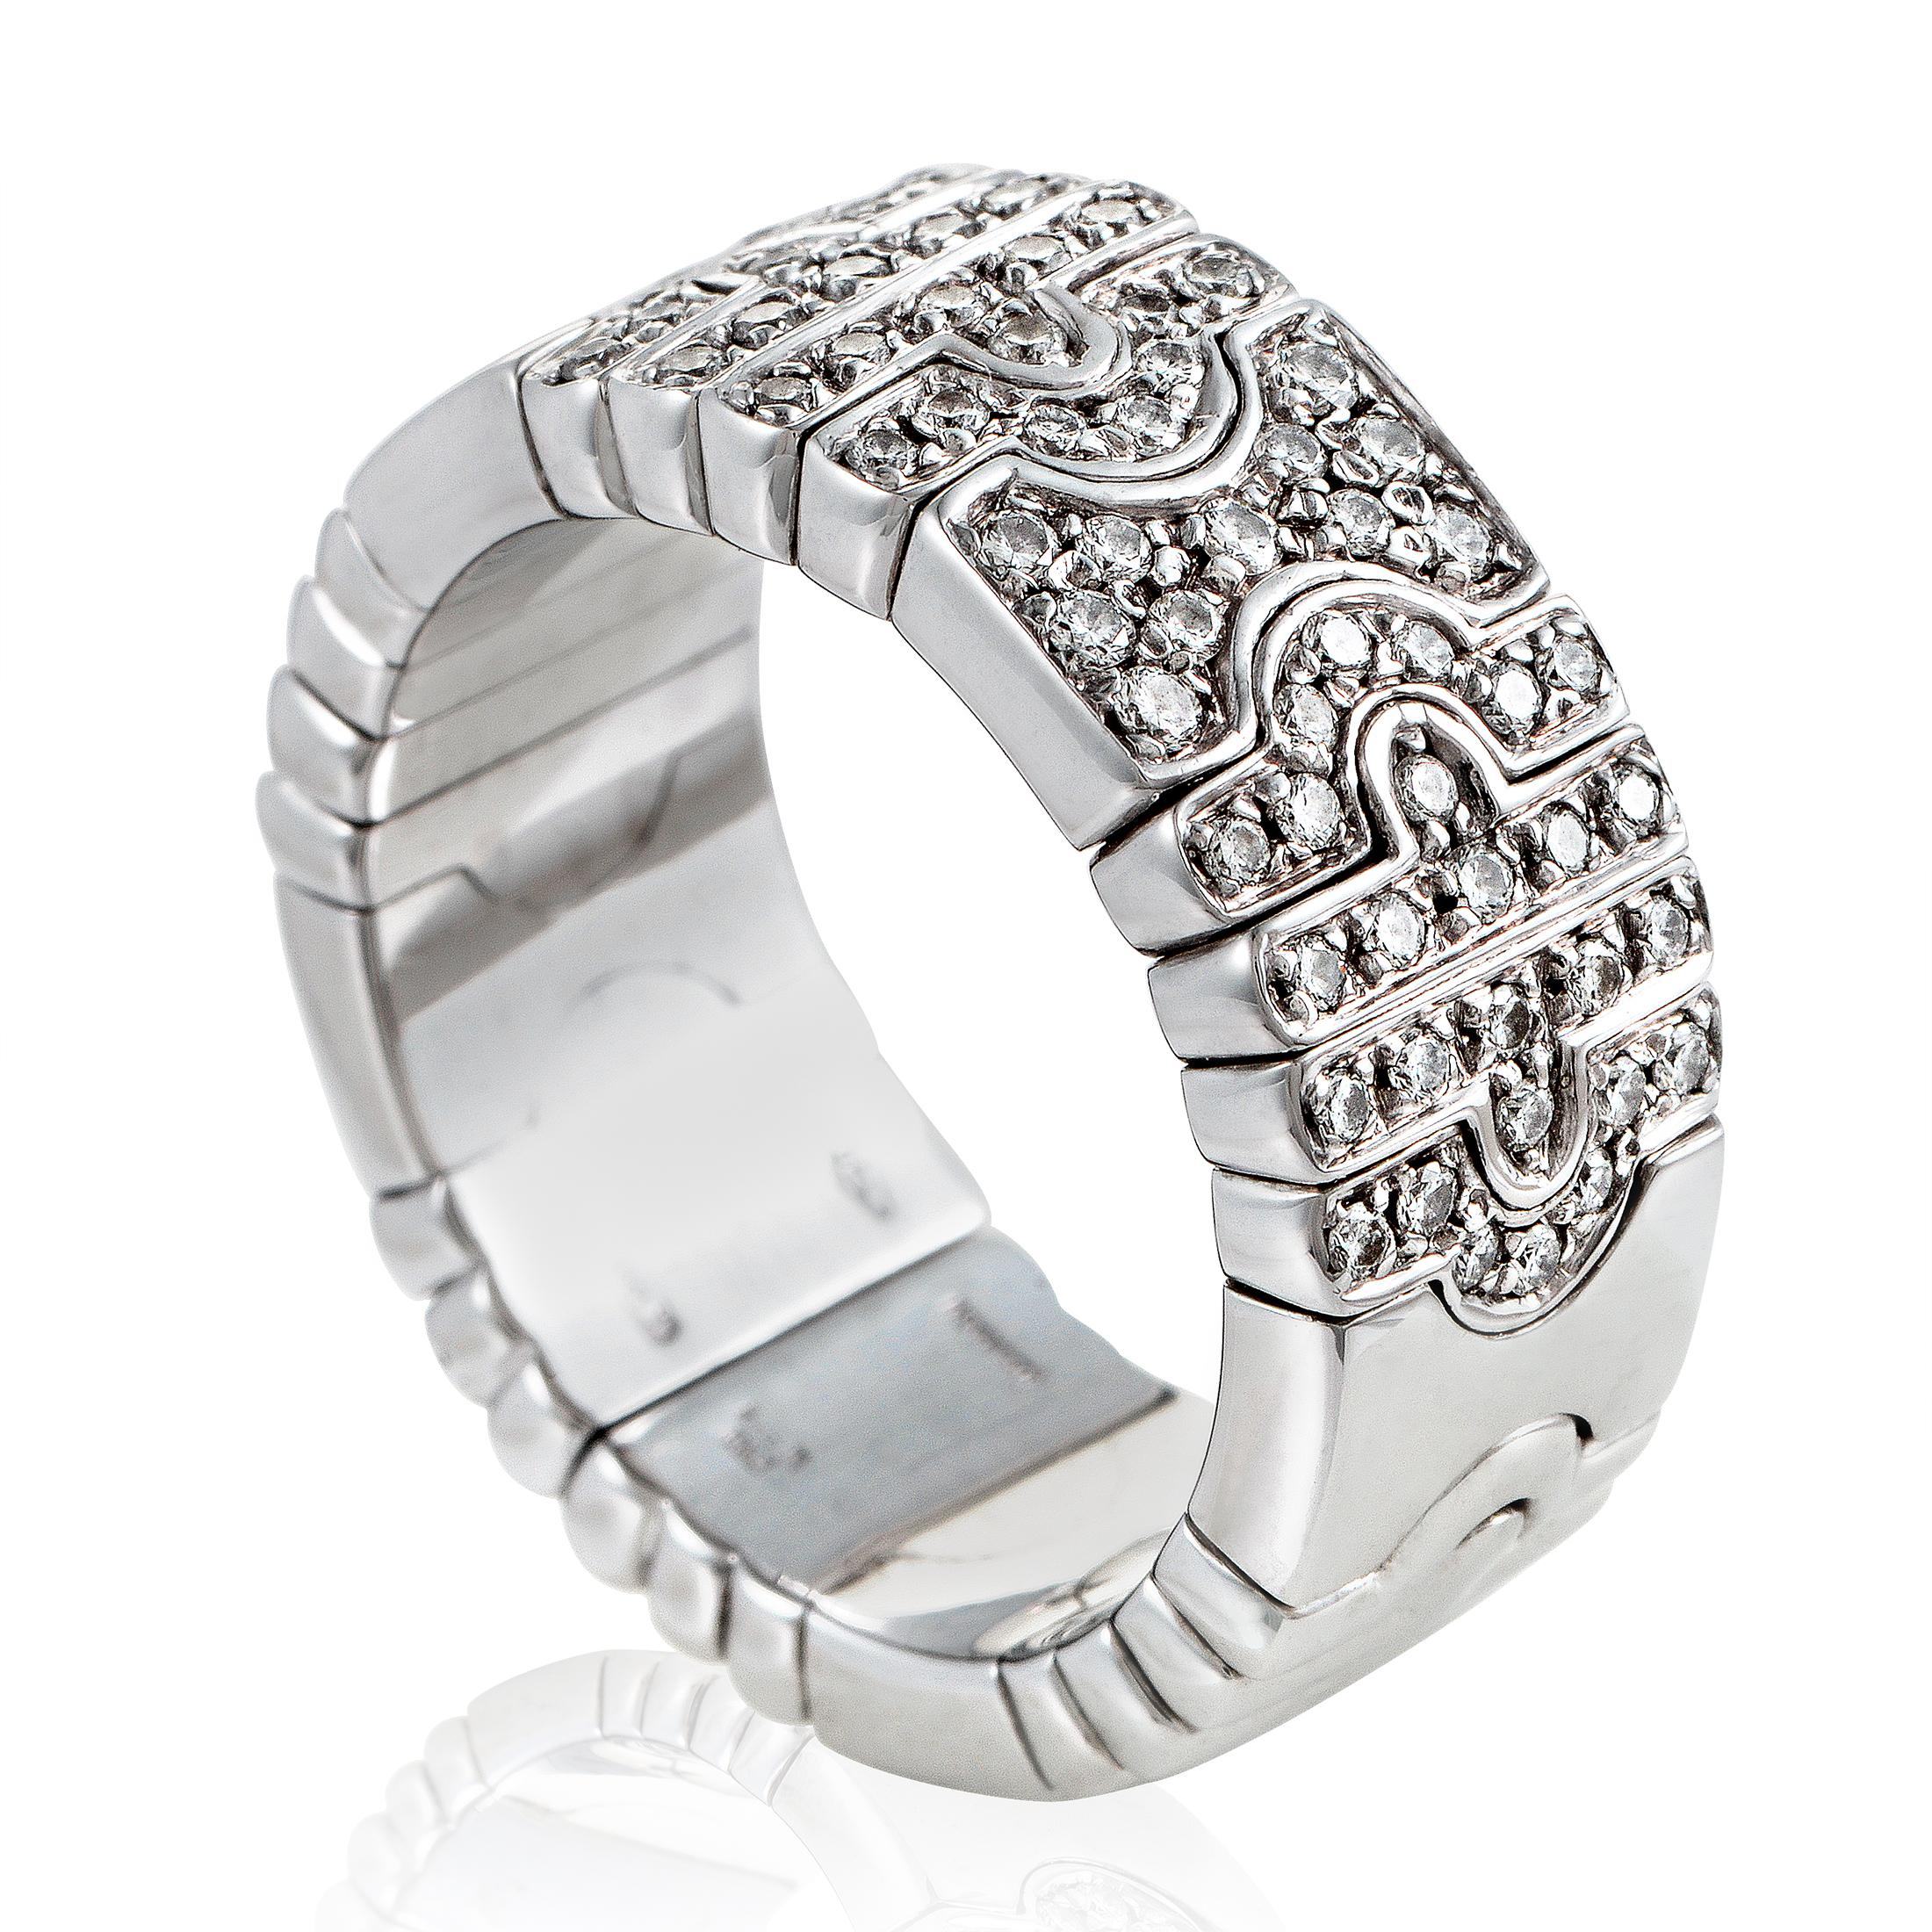 Bvlgari Parentesi Women's 18K White Gold Partial Diamond Pave Band Ring